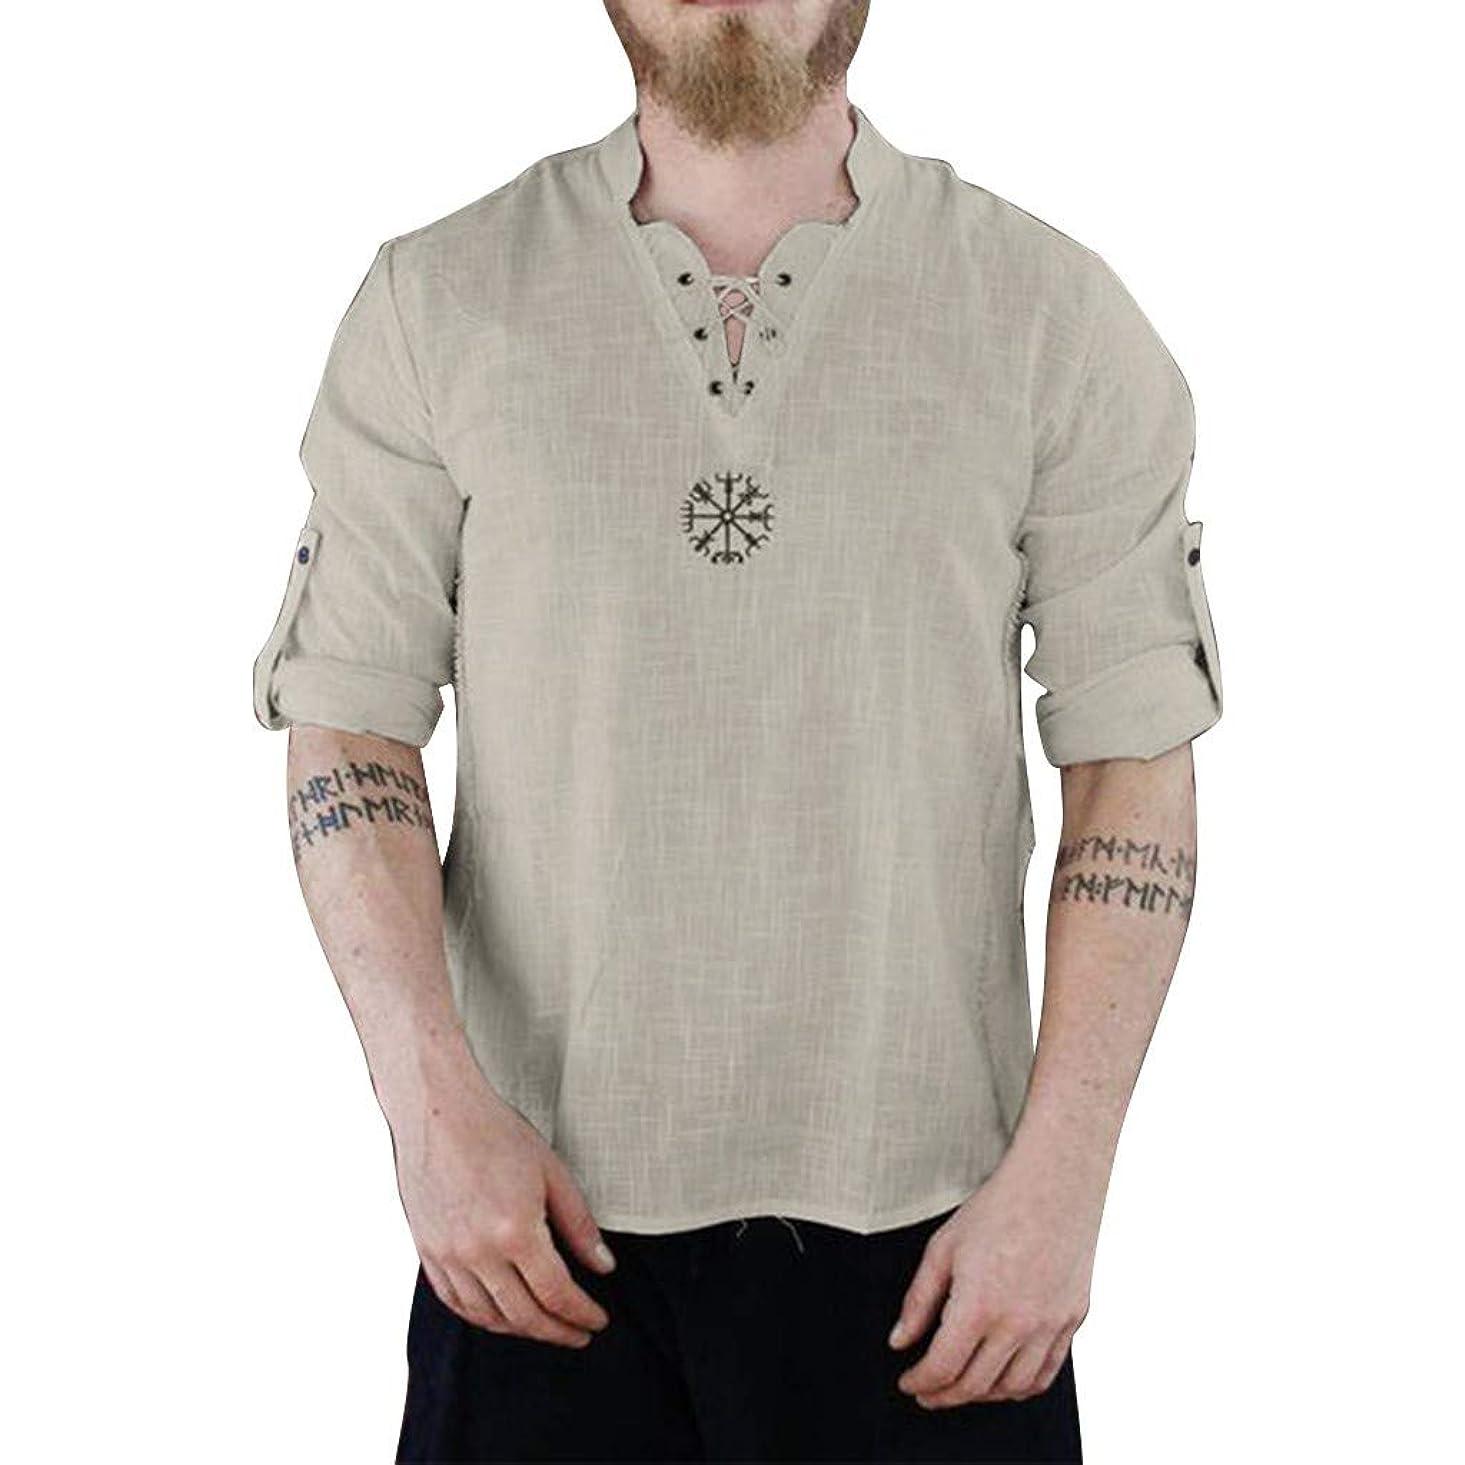 アリ理想的規則性メンズ Tシャツ ティーシャツ OD企画 男性 丸首 Tシャツ ファッション おしゃれ プリント 夏服 メンズ ストーリート系 シンプル 半袖 速乾 軽薄 通気 上着 お出かけ ヒップホップ風 トップス 個性的 旅行 普段着 部屋着